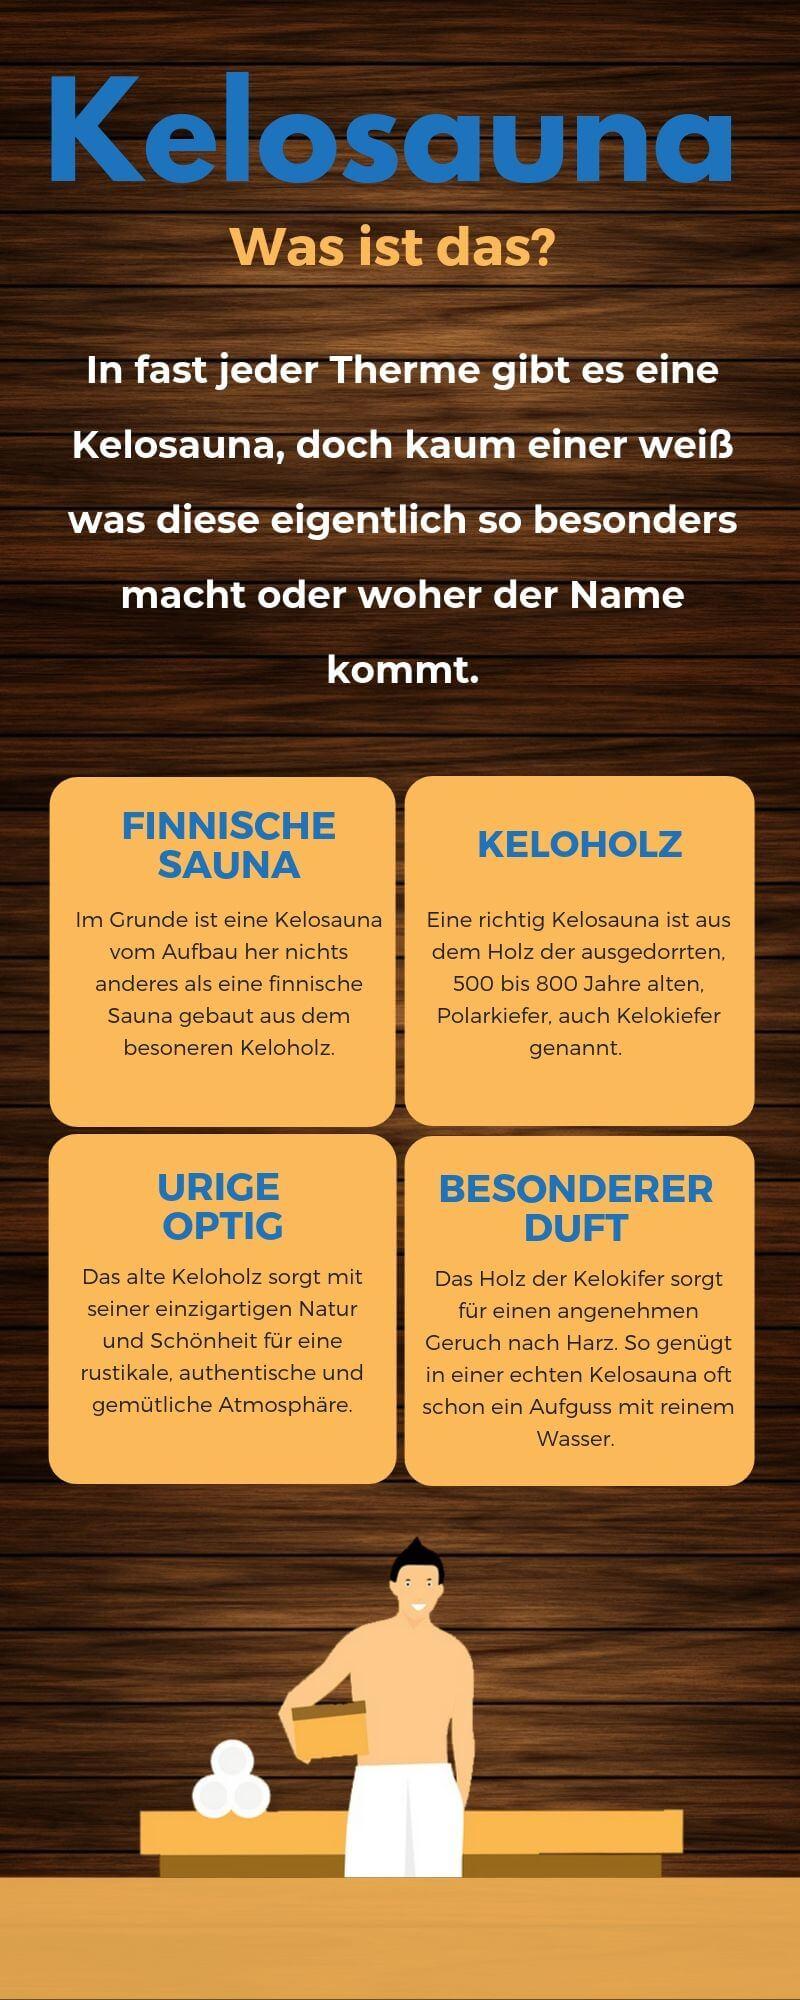 Infografik zur Kelosauna, dem Keloholz und den Besonderheiten dieser Sauna.